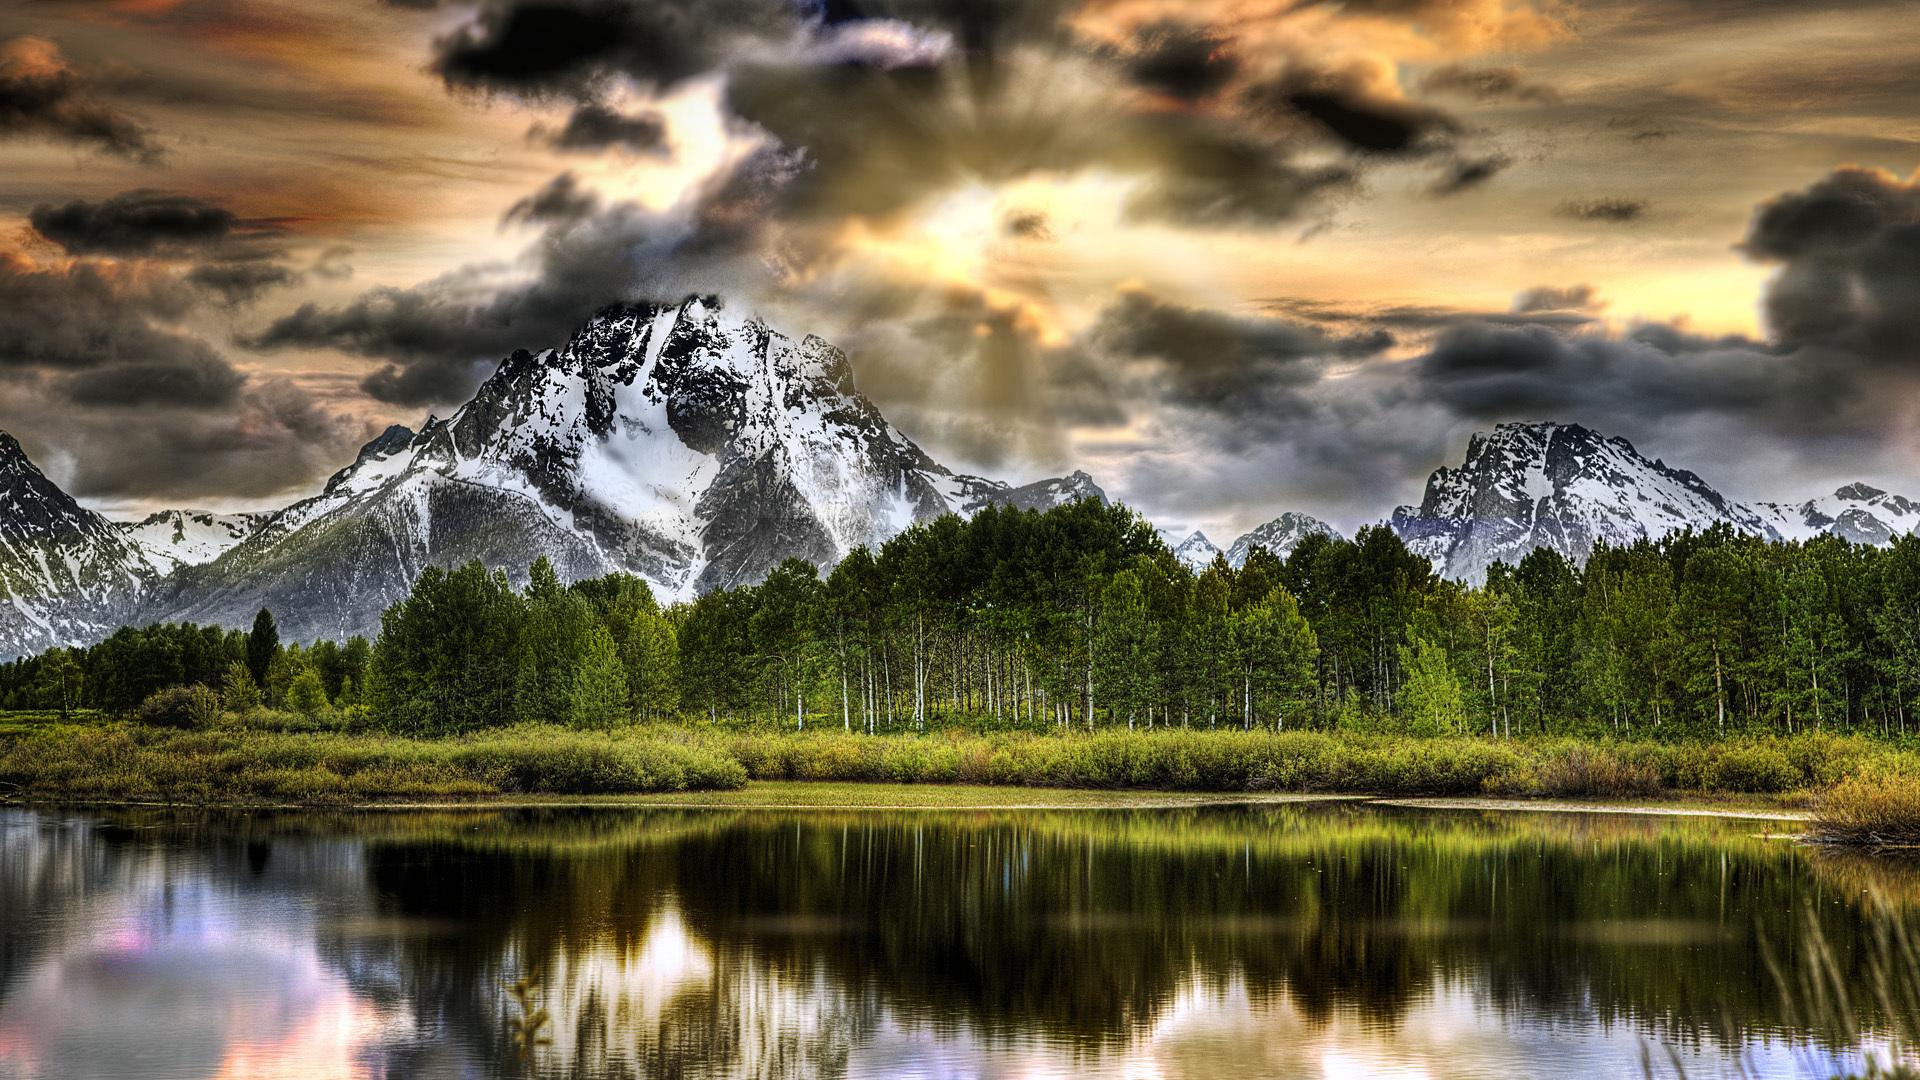 25674 descargar fondo de pantalla Paisaje, Ríos, Árboles, Montañas: protectores de pantalla e imágenes gratis